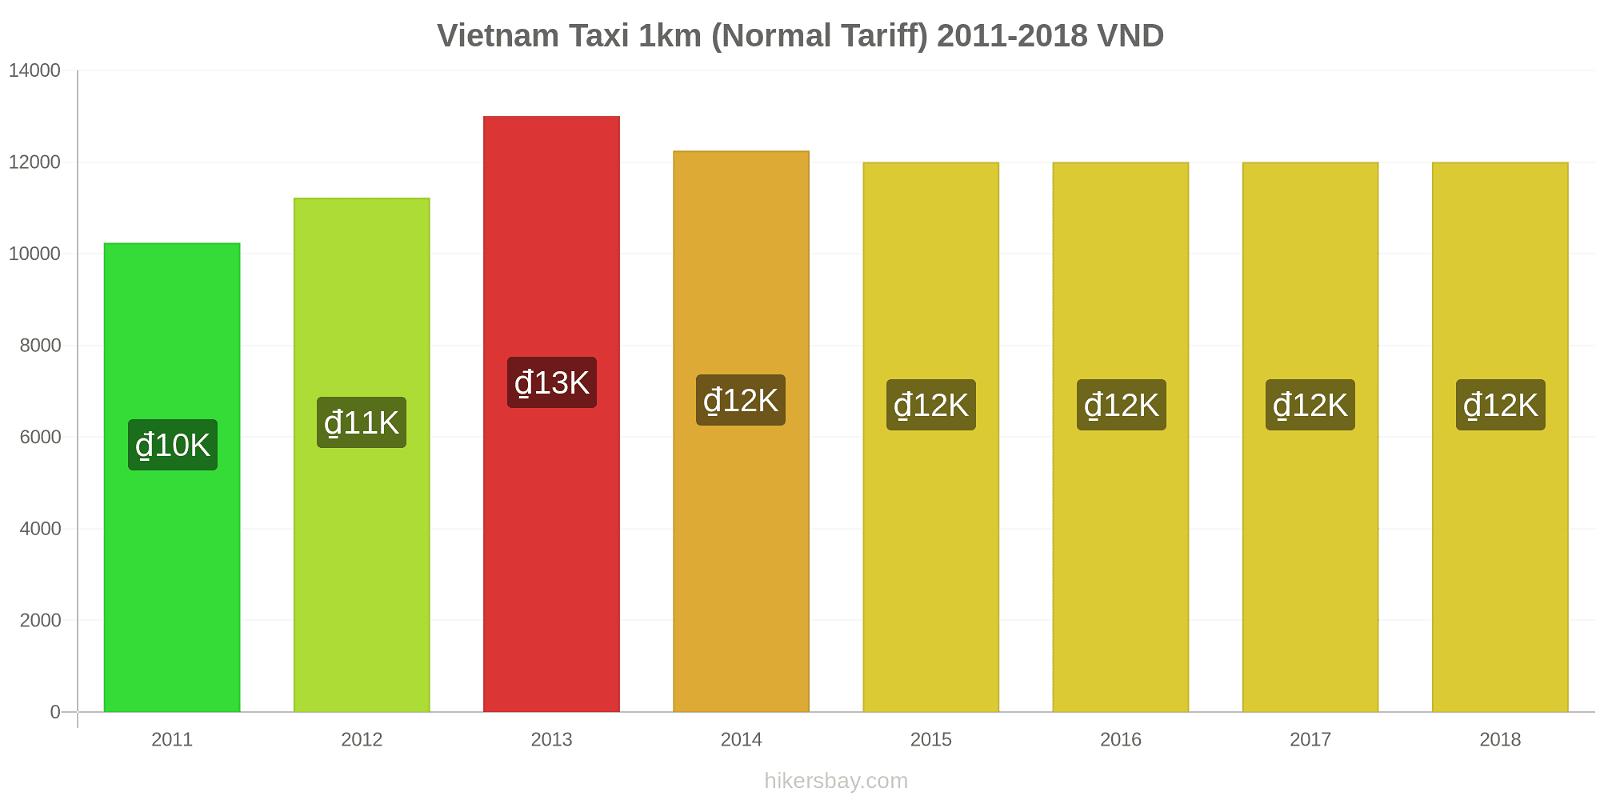 Vietnam price changes Taxi 1km (Normal Tariff) hikersbay.com